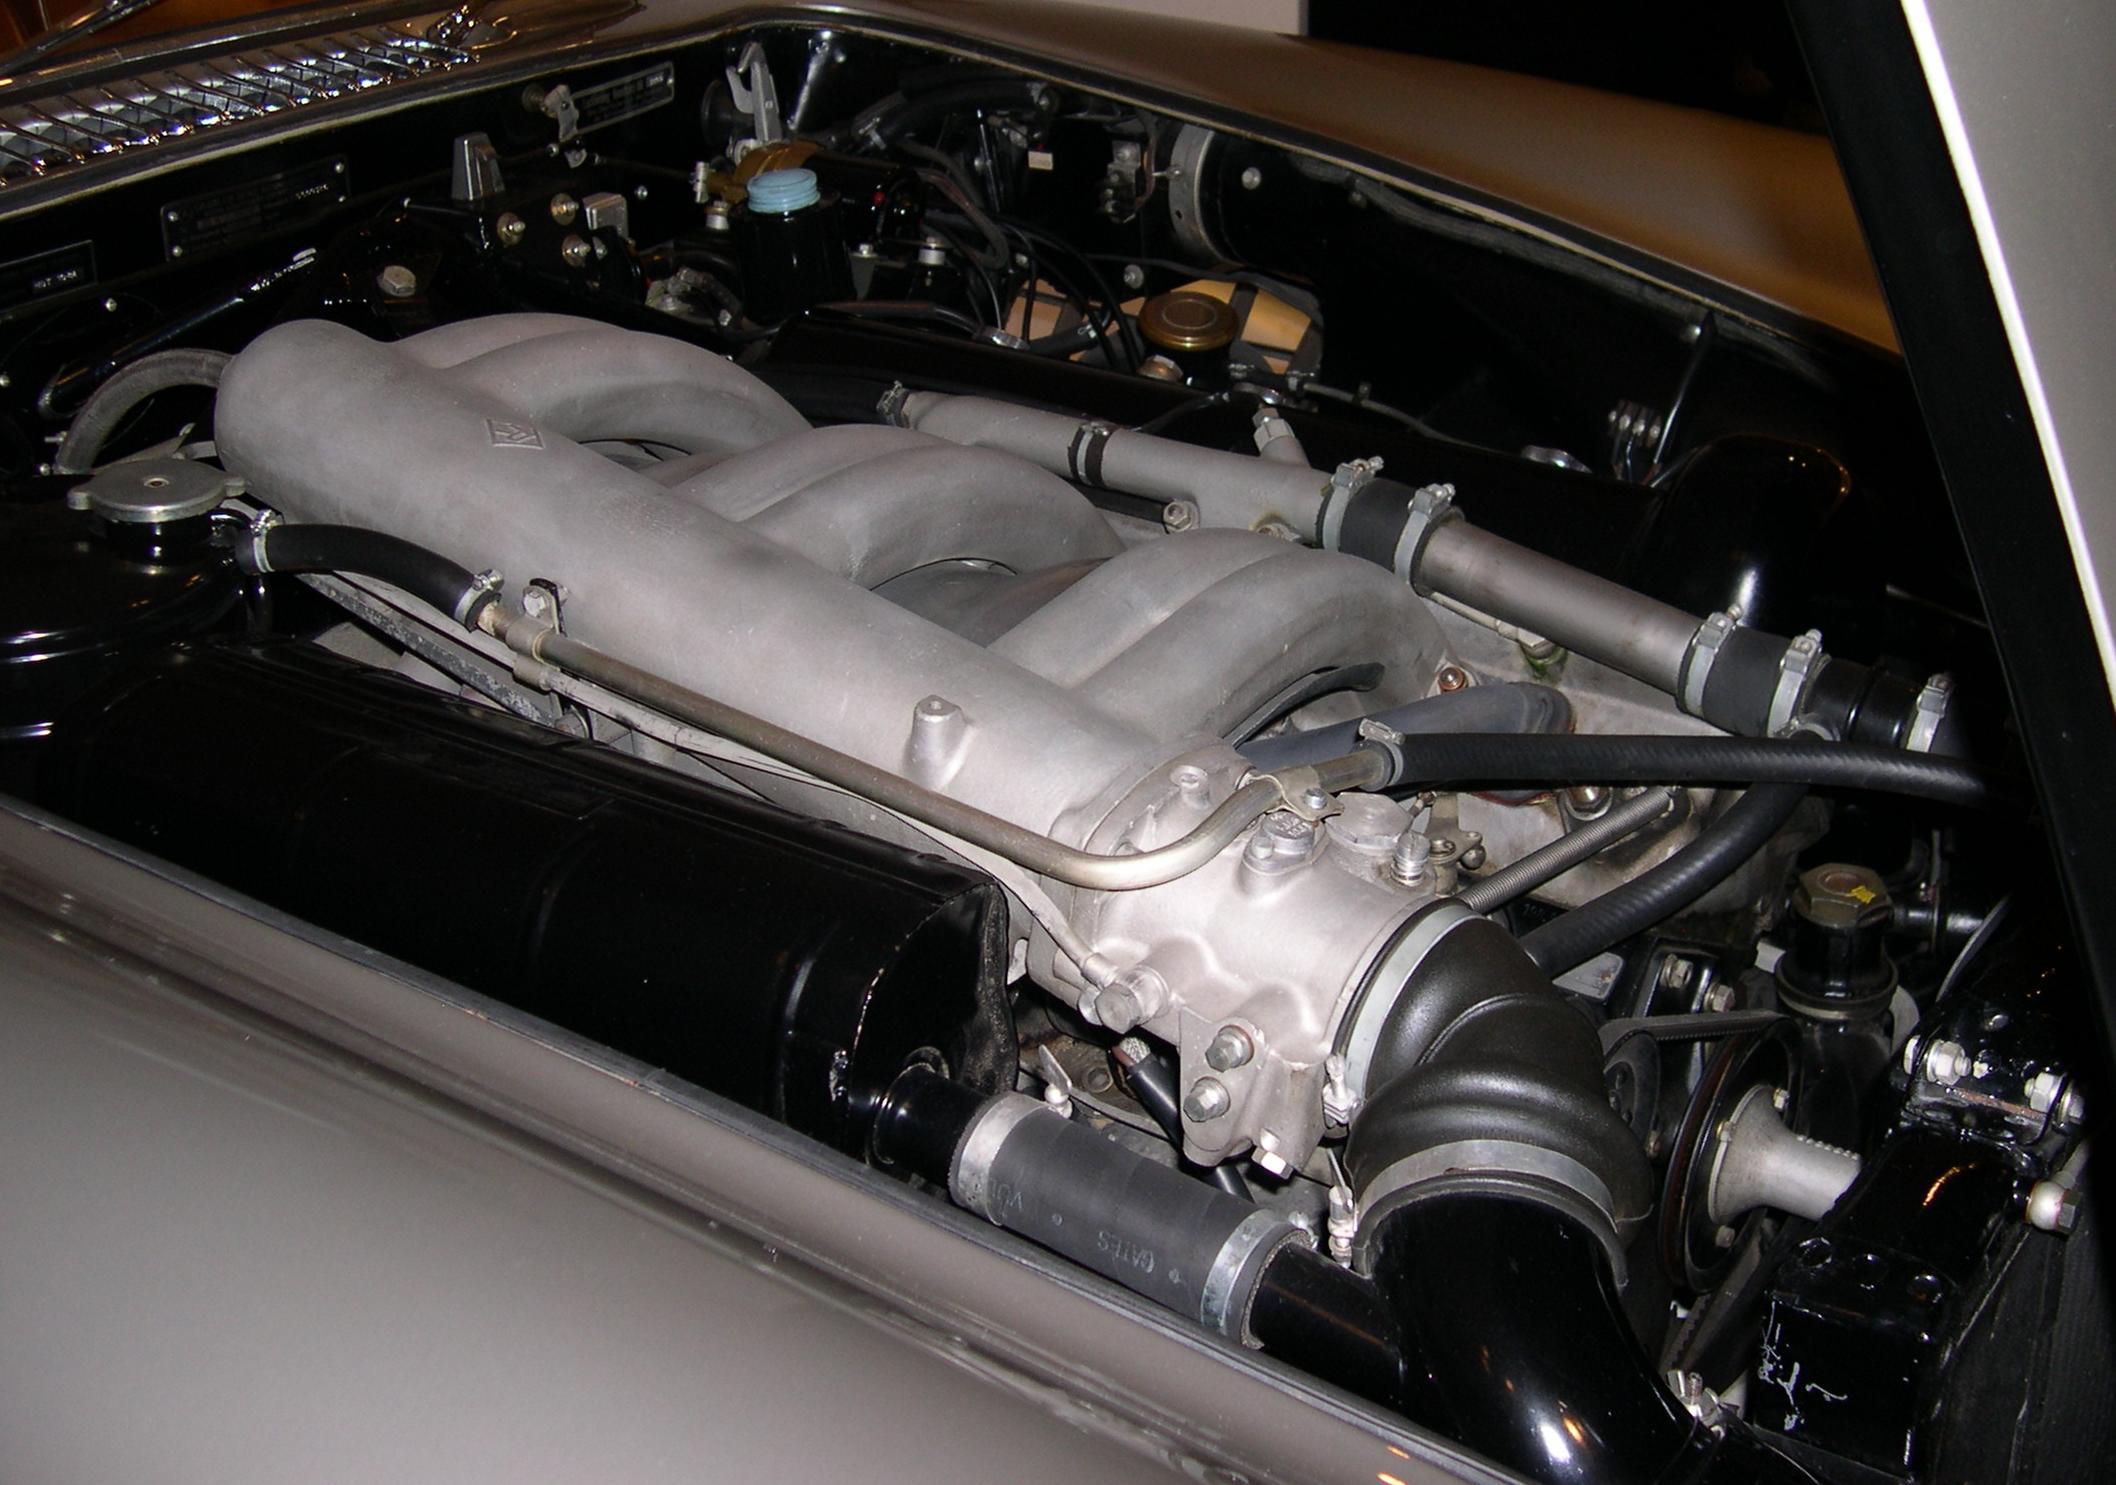 Mercedes benz 300sl engine mercedes free engine image for user manual download